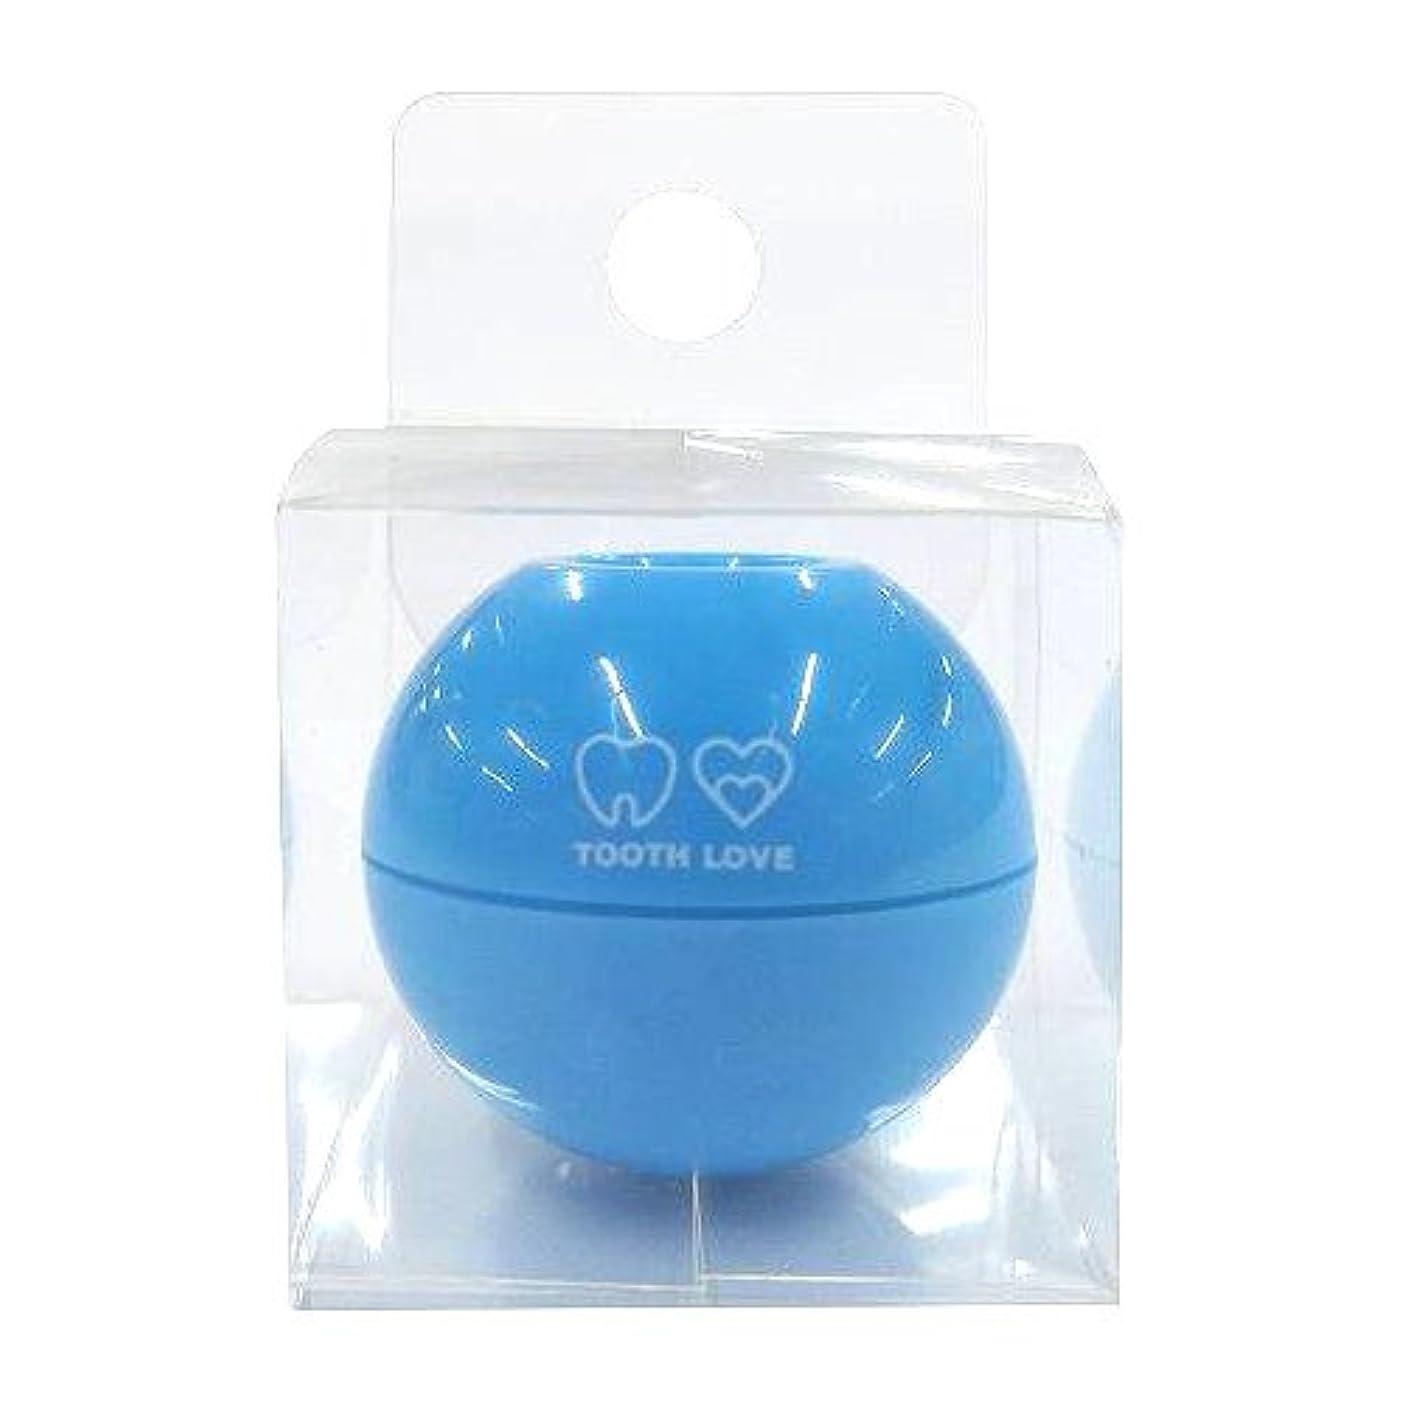 病気区人類TOOTH LOVE BALL ホルダー (歯間ブラシホルダー) ブルー